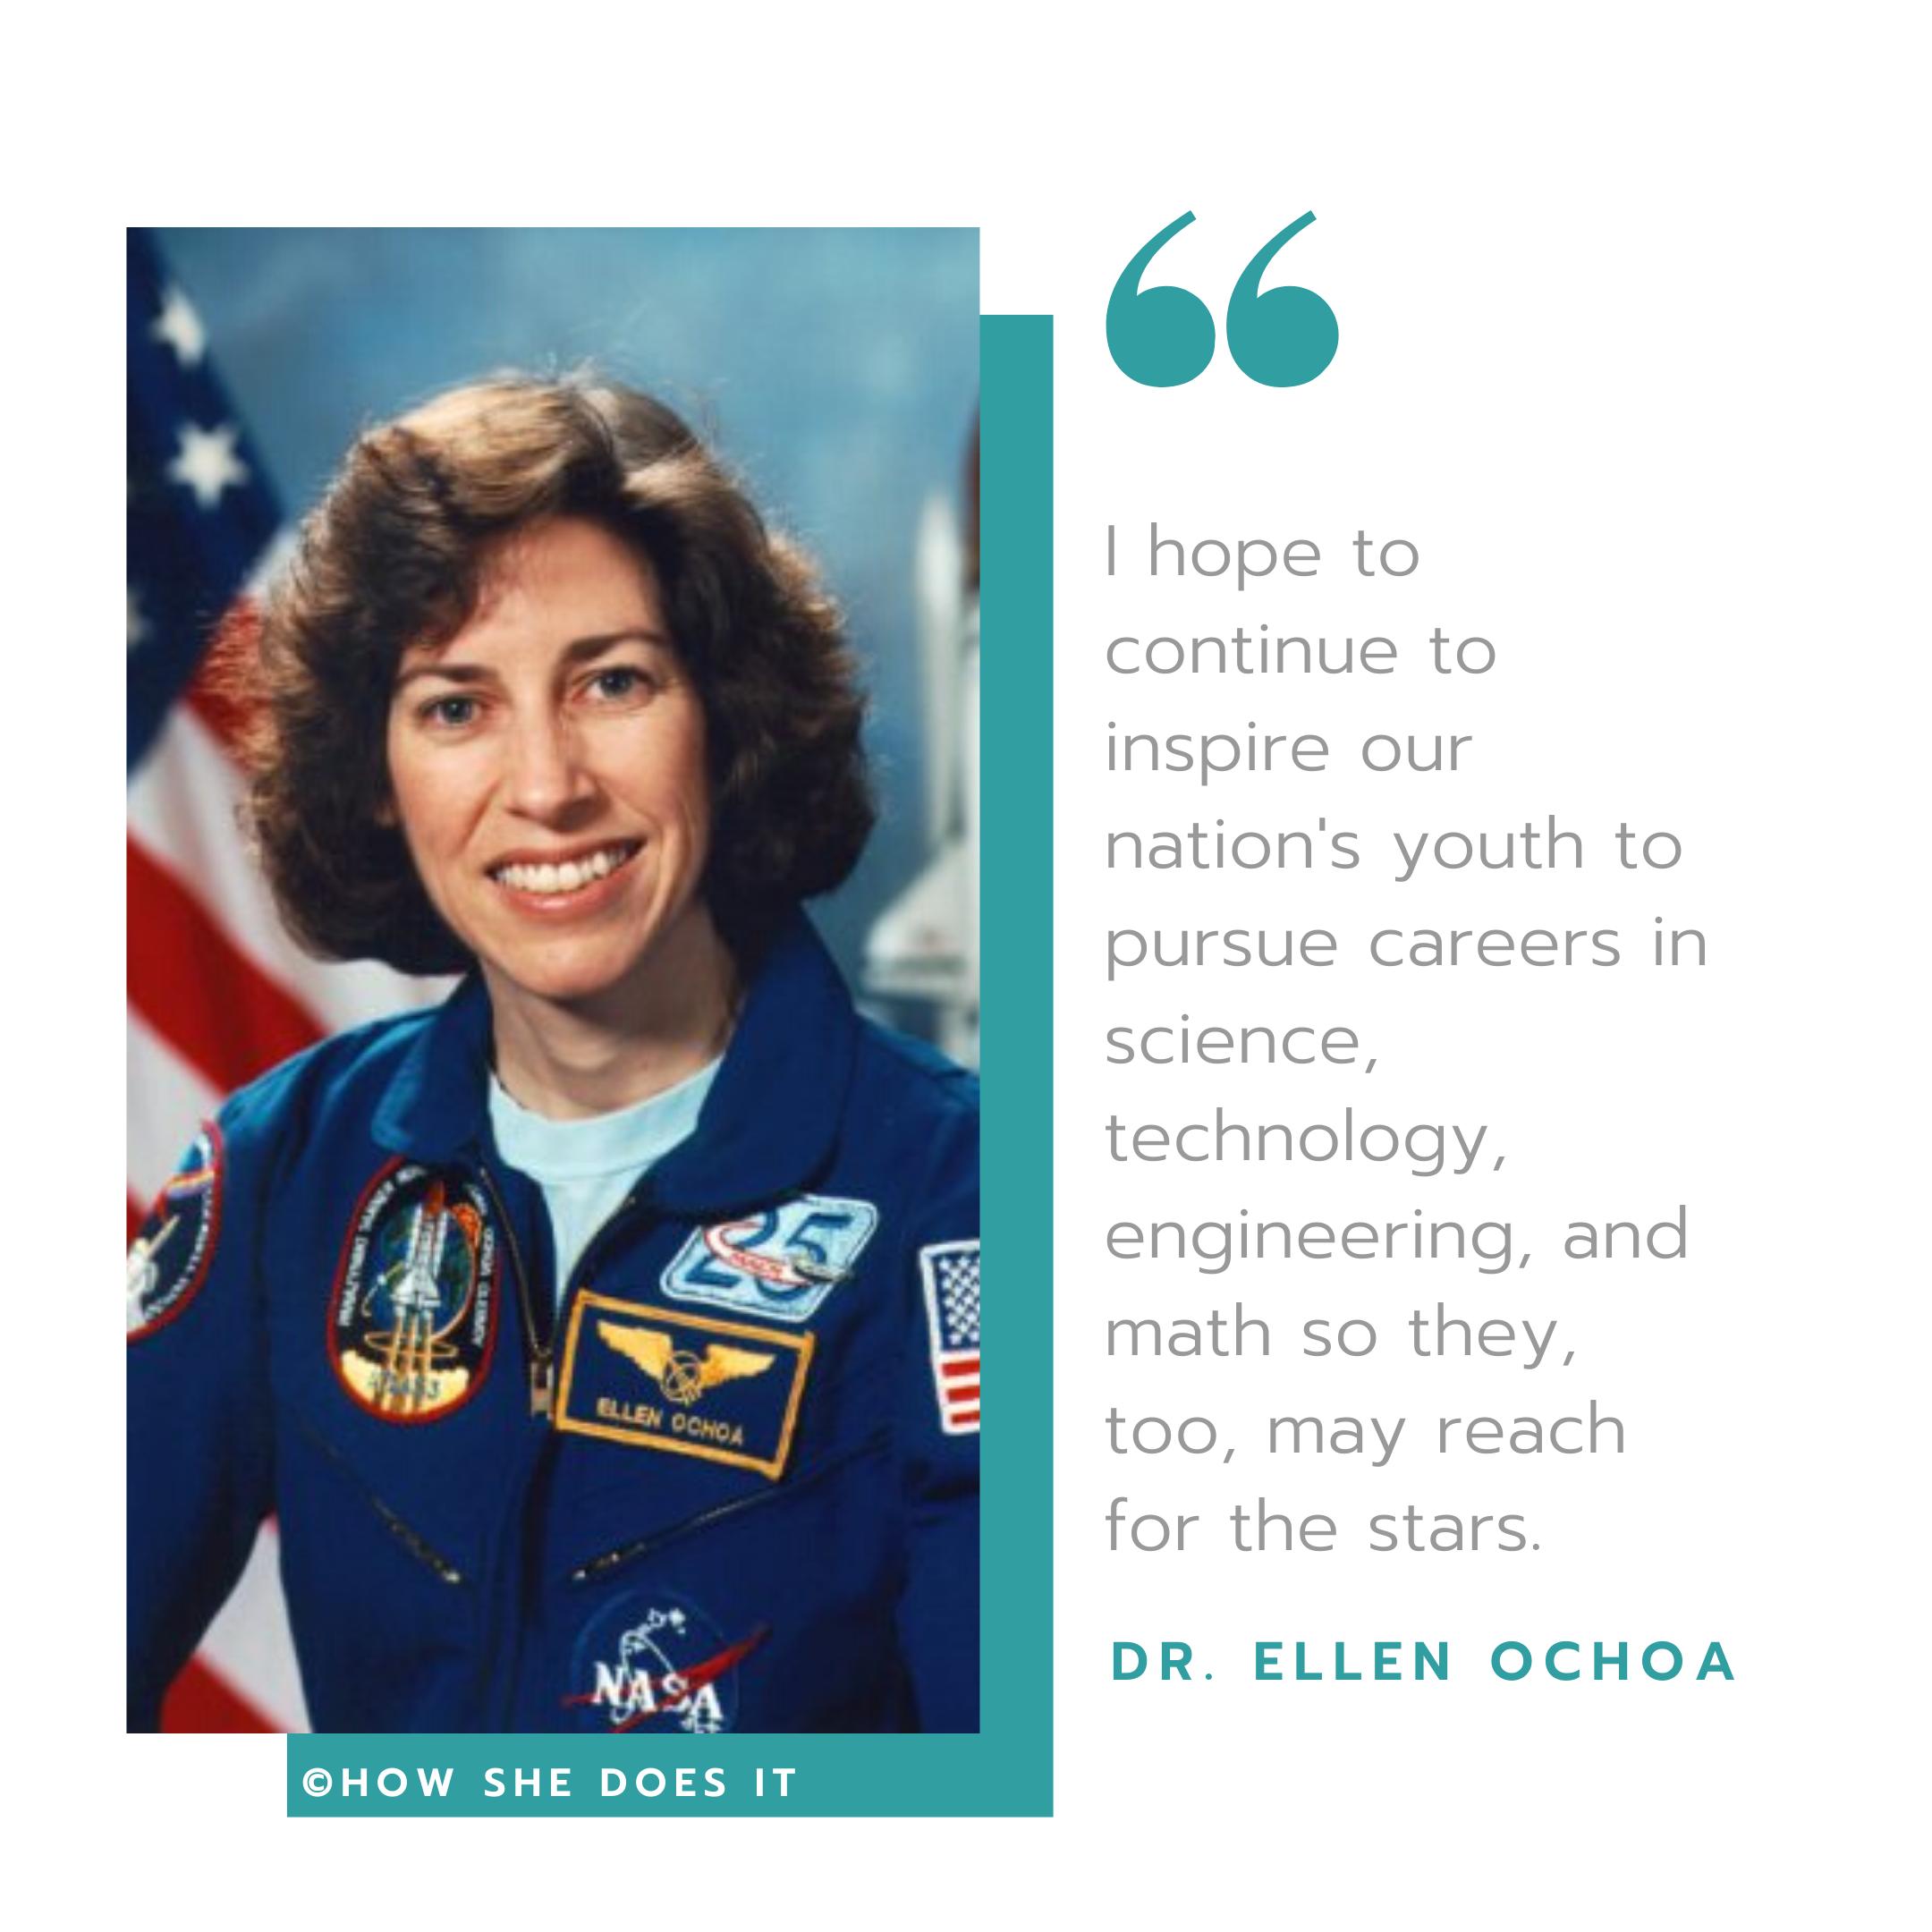 Dr Ellen Ochoa